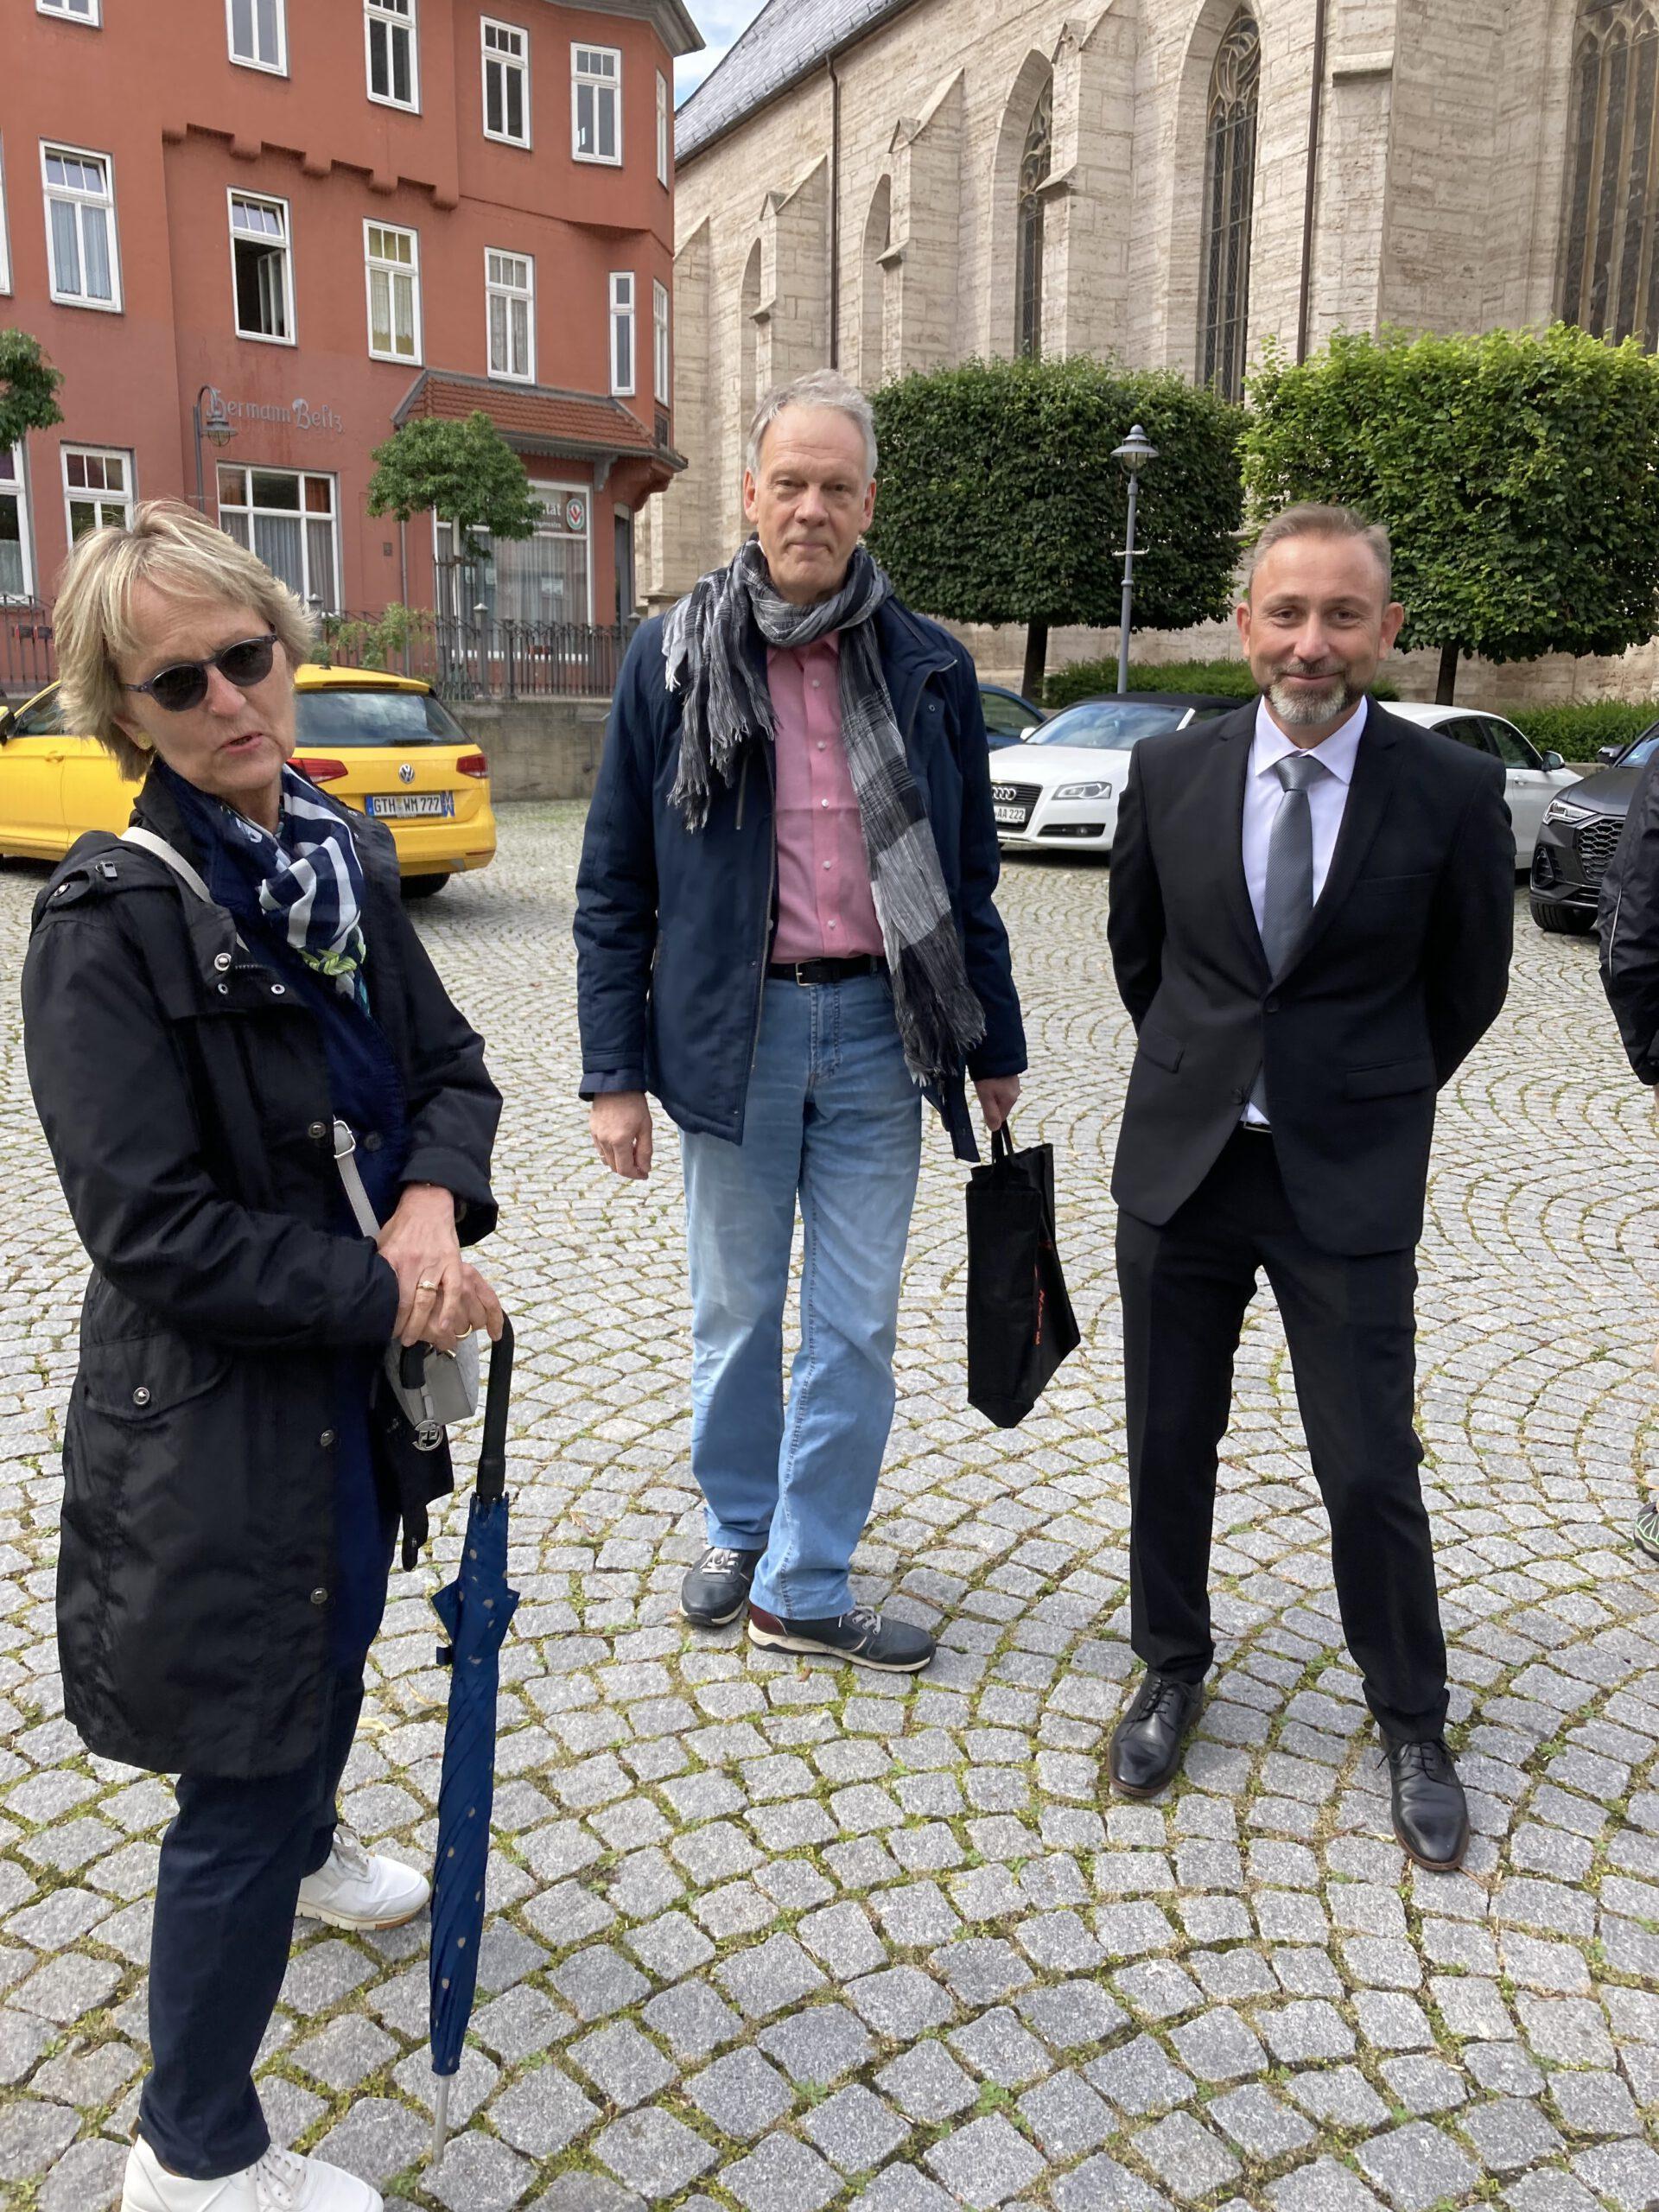 Bürgermeister Matthias Reinz, Bad Langensalza, mit Elke und Jürgen Naulin